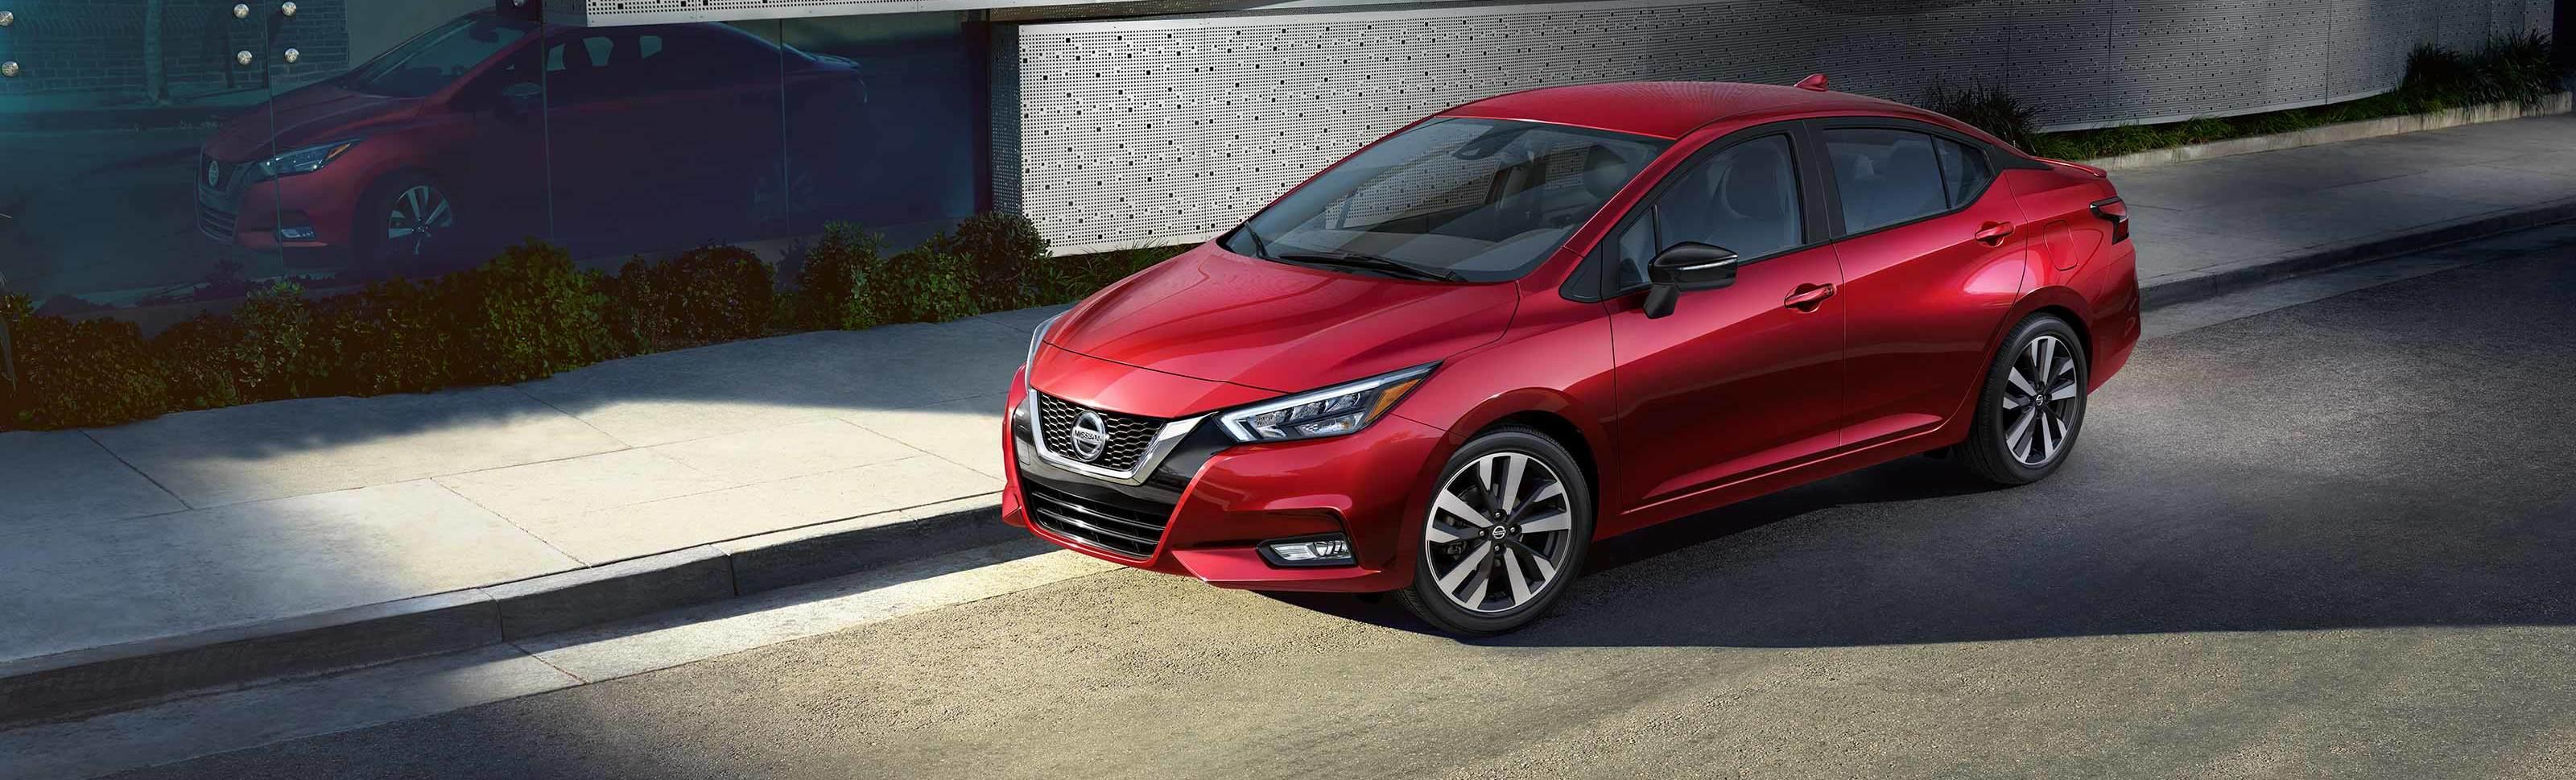 2020 Nissan Versa Key Features near Roseville, CA